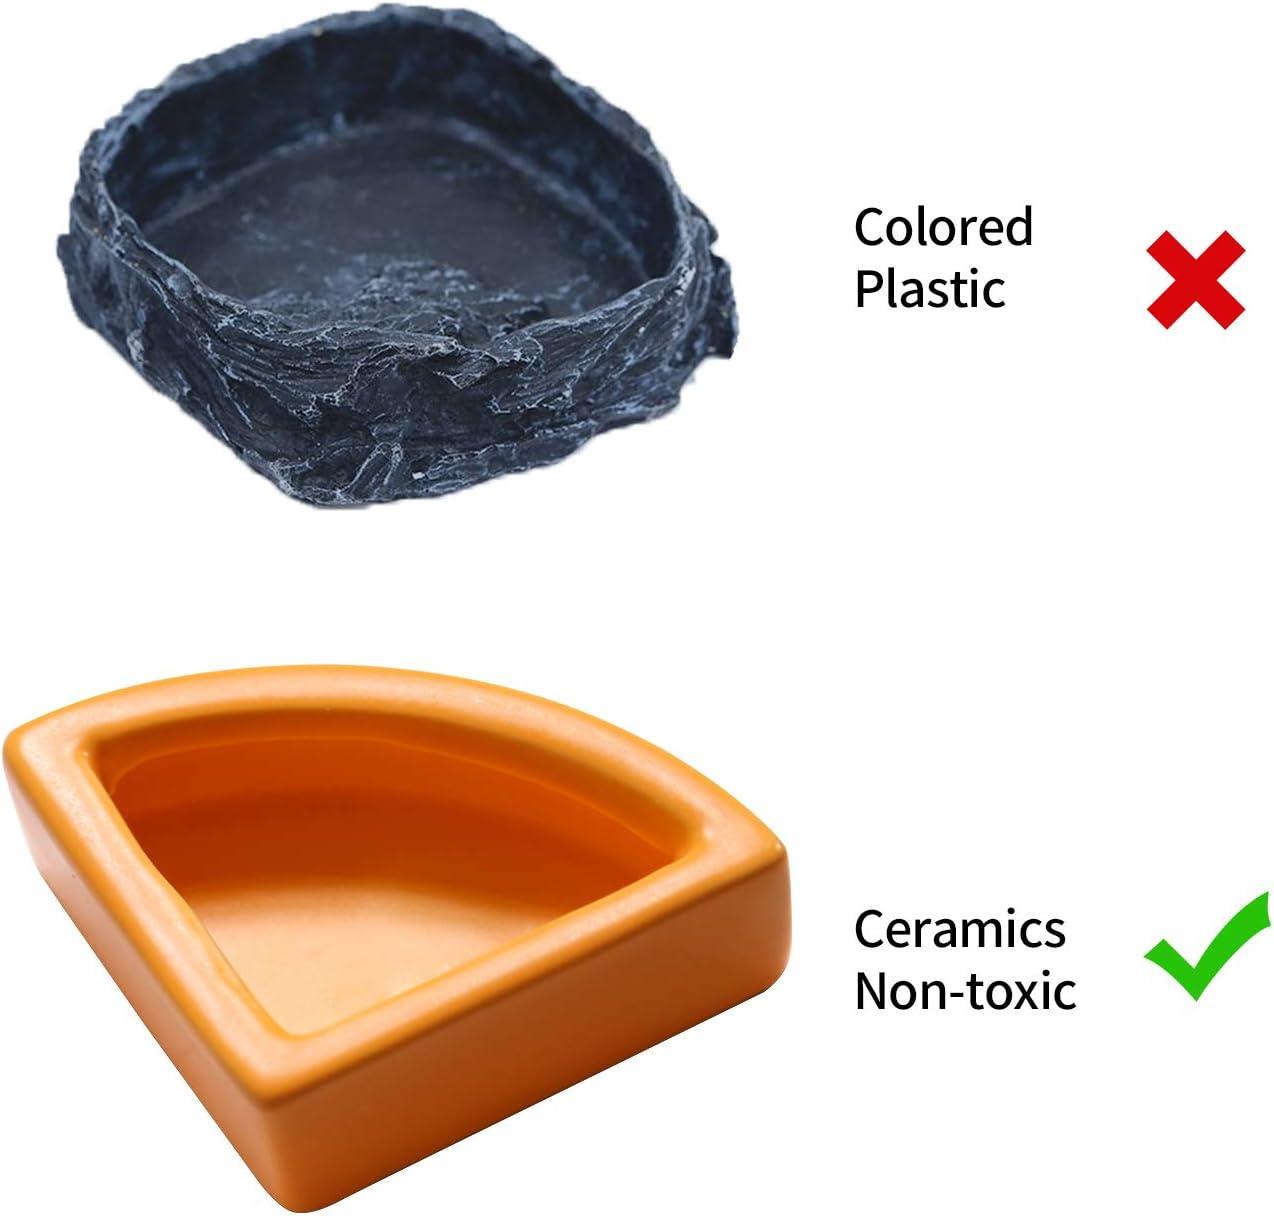 Ceramic 1//4 Round Mini Worm Dish Reptile Gecko Ledge Feeder Corner Space Saving Designing